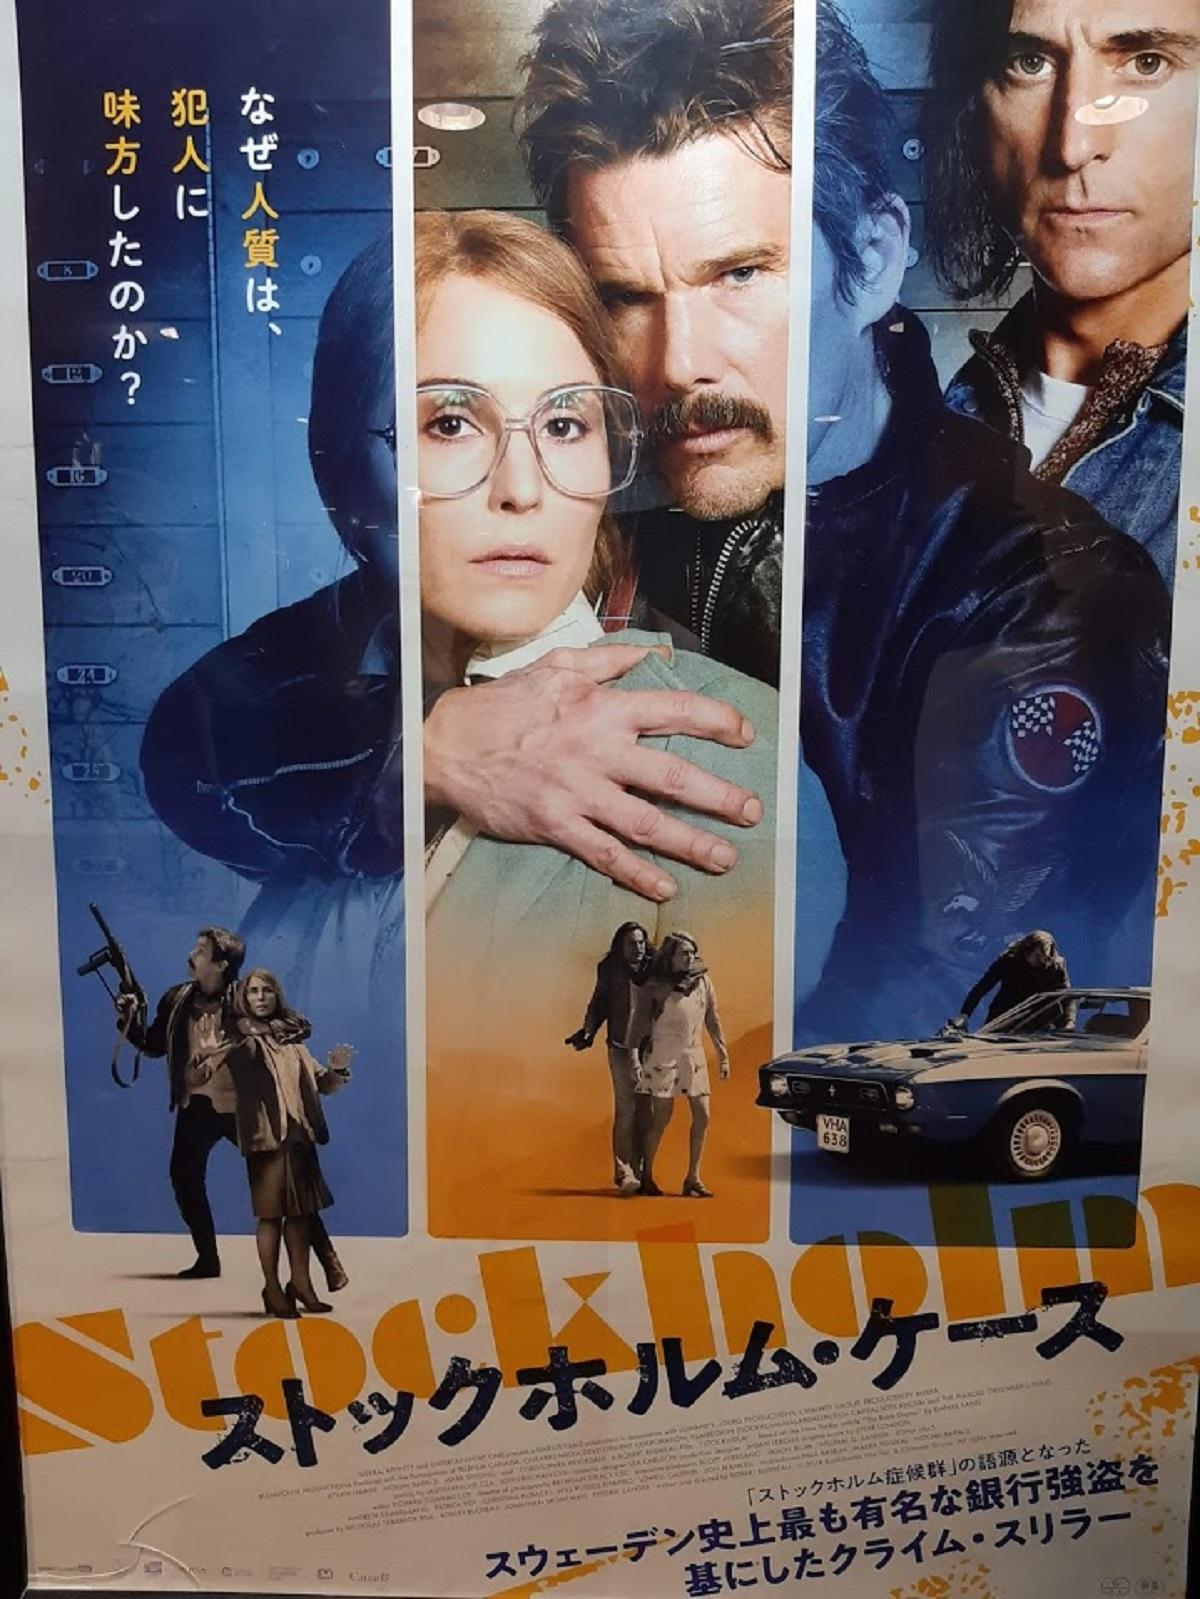 映画『ストックホルム・スタイル』のチラシポスター